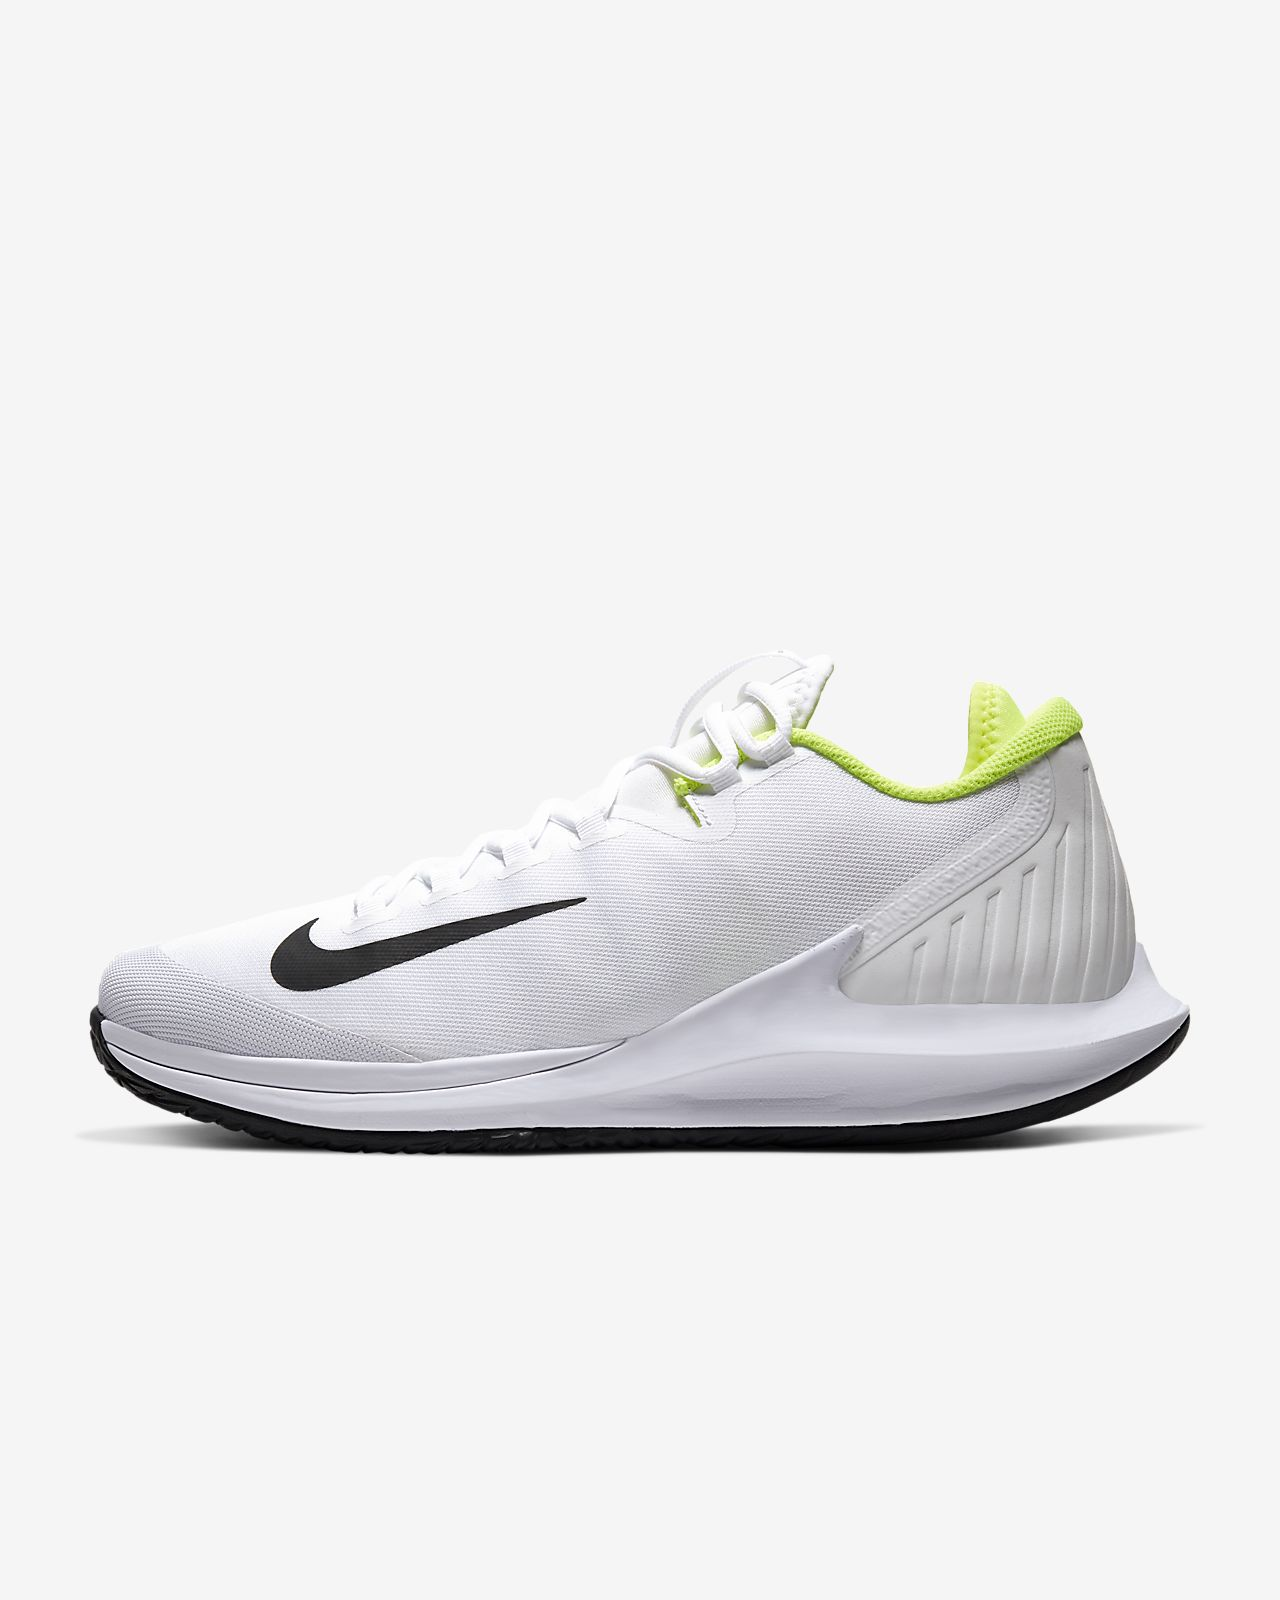 Nike Men's NikeCourt Zoom Zero Tennis Shoes férfi tenisz ruházat